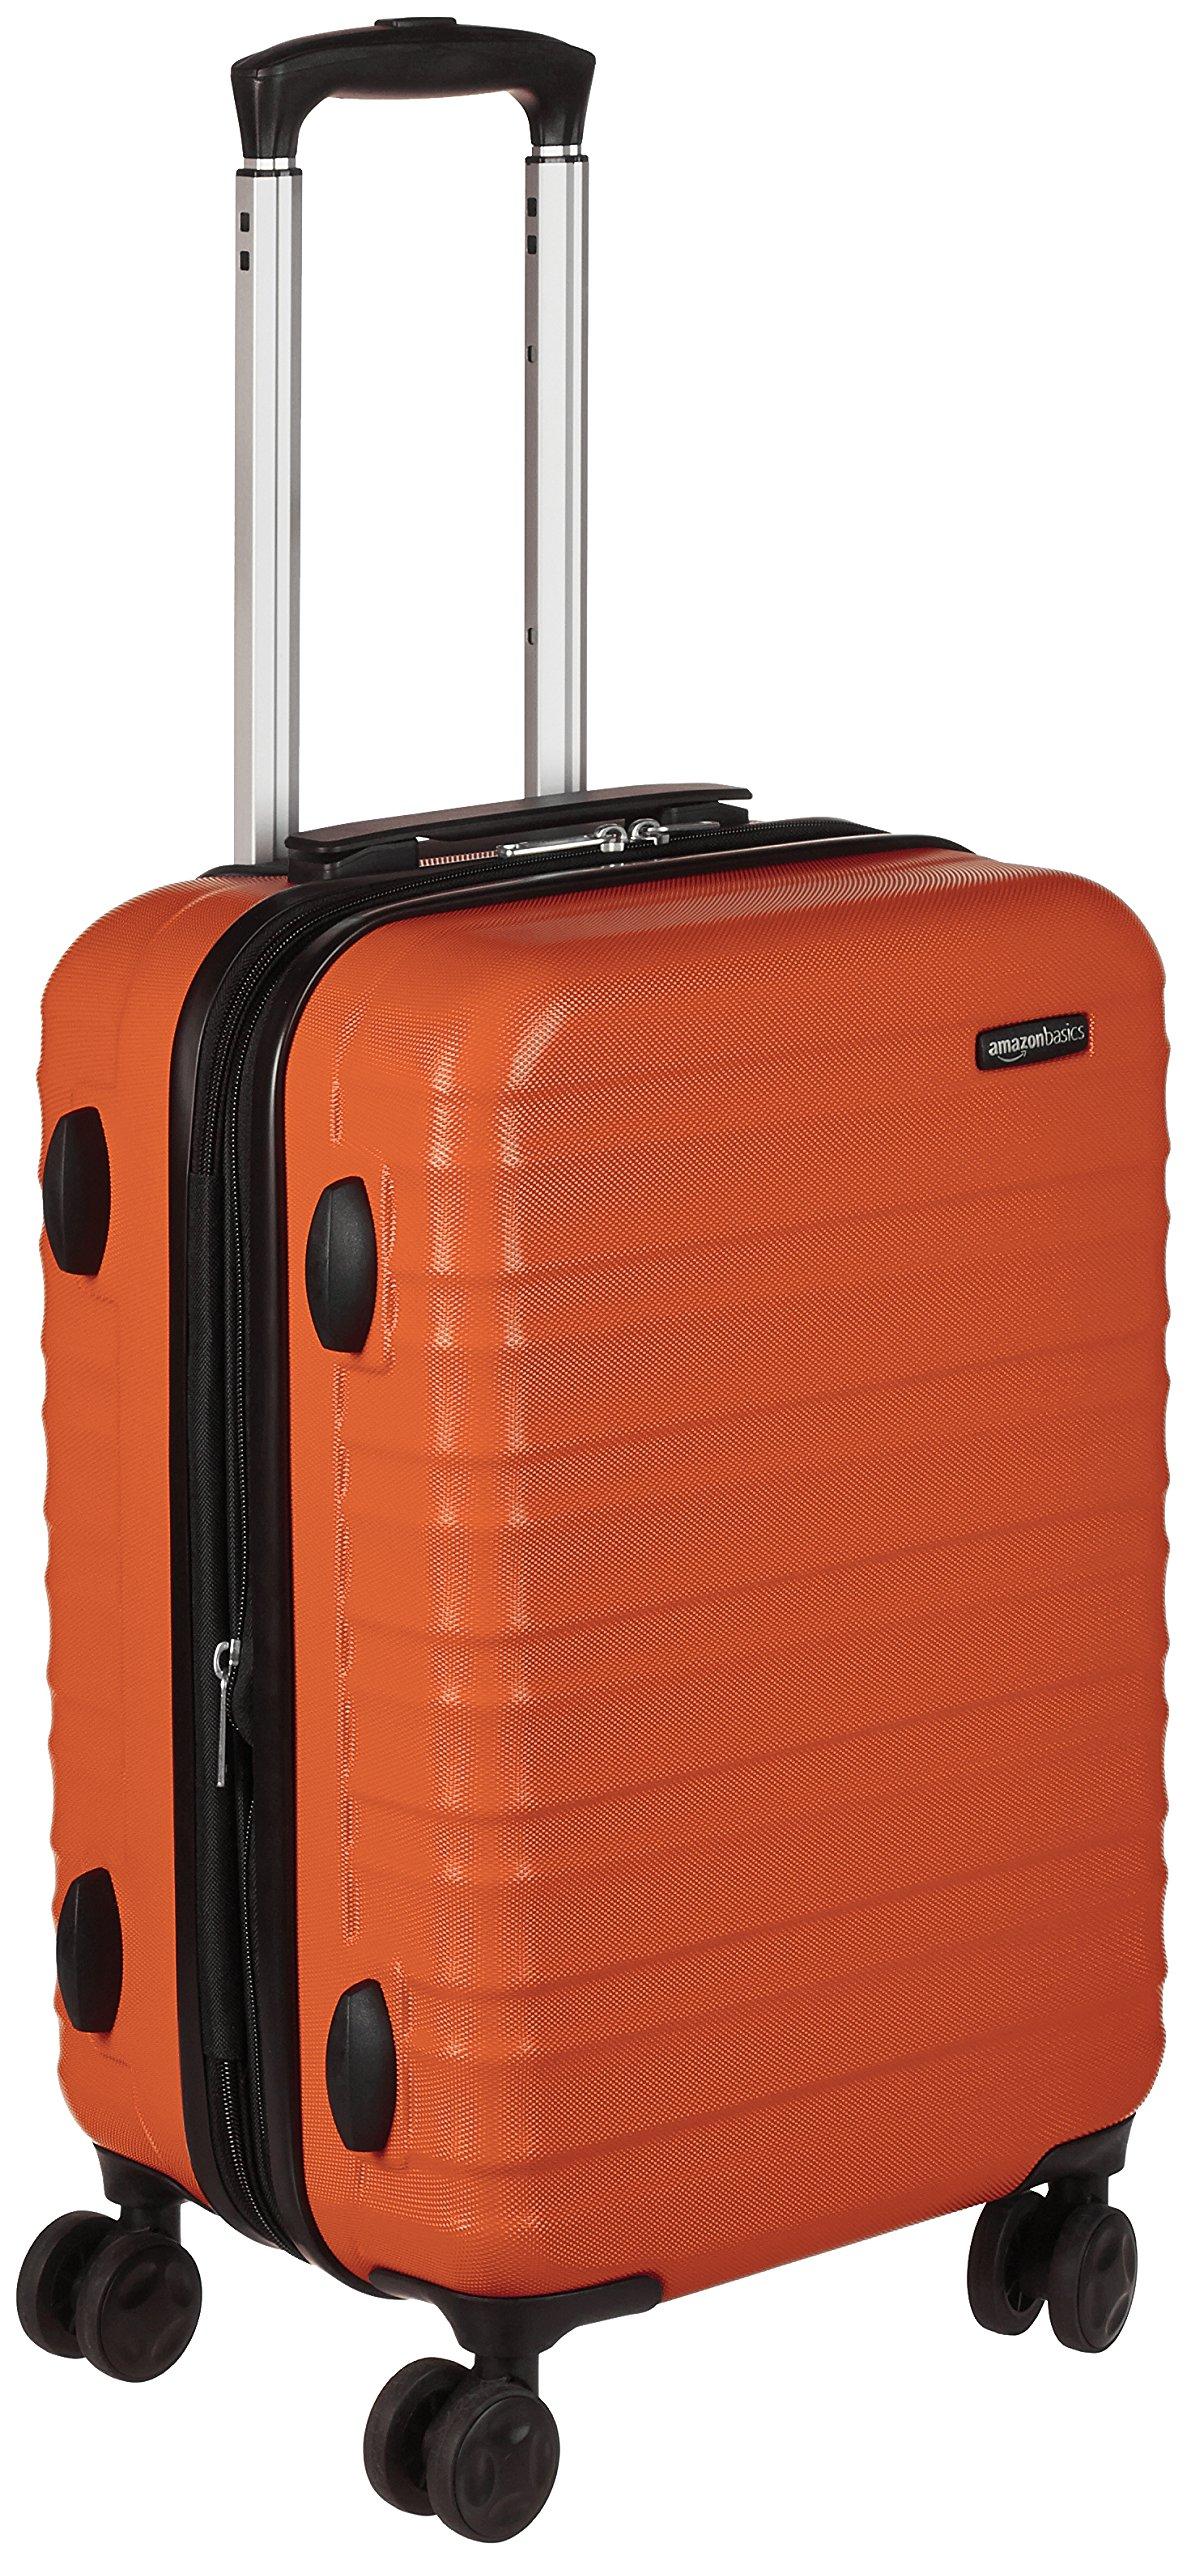 AmazonBasics Hardside Spinner Luggage 20 Inch